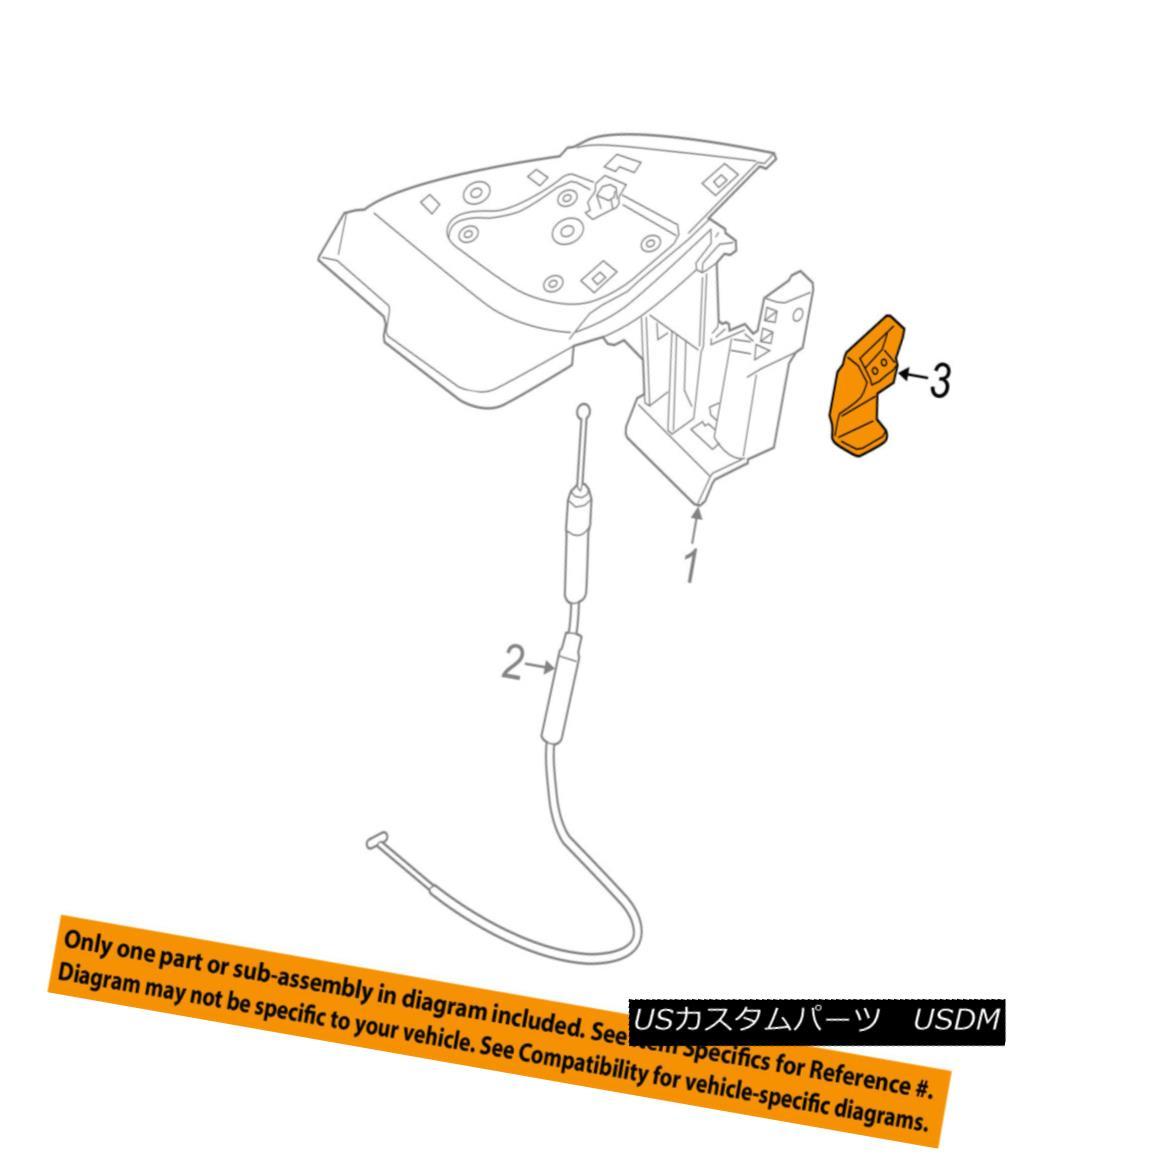 幌・ソフトトップ PORSCHE OEM 13-16 Boxster Stowage Compartment-Soft Top-Locator Right 98158046402 PORSCHE OEM 13-16 Boxster Stowage Compartment-So ftトップロケータの権利98158046402